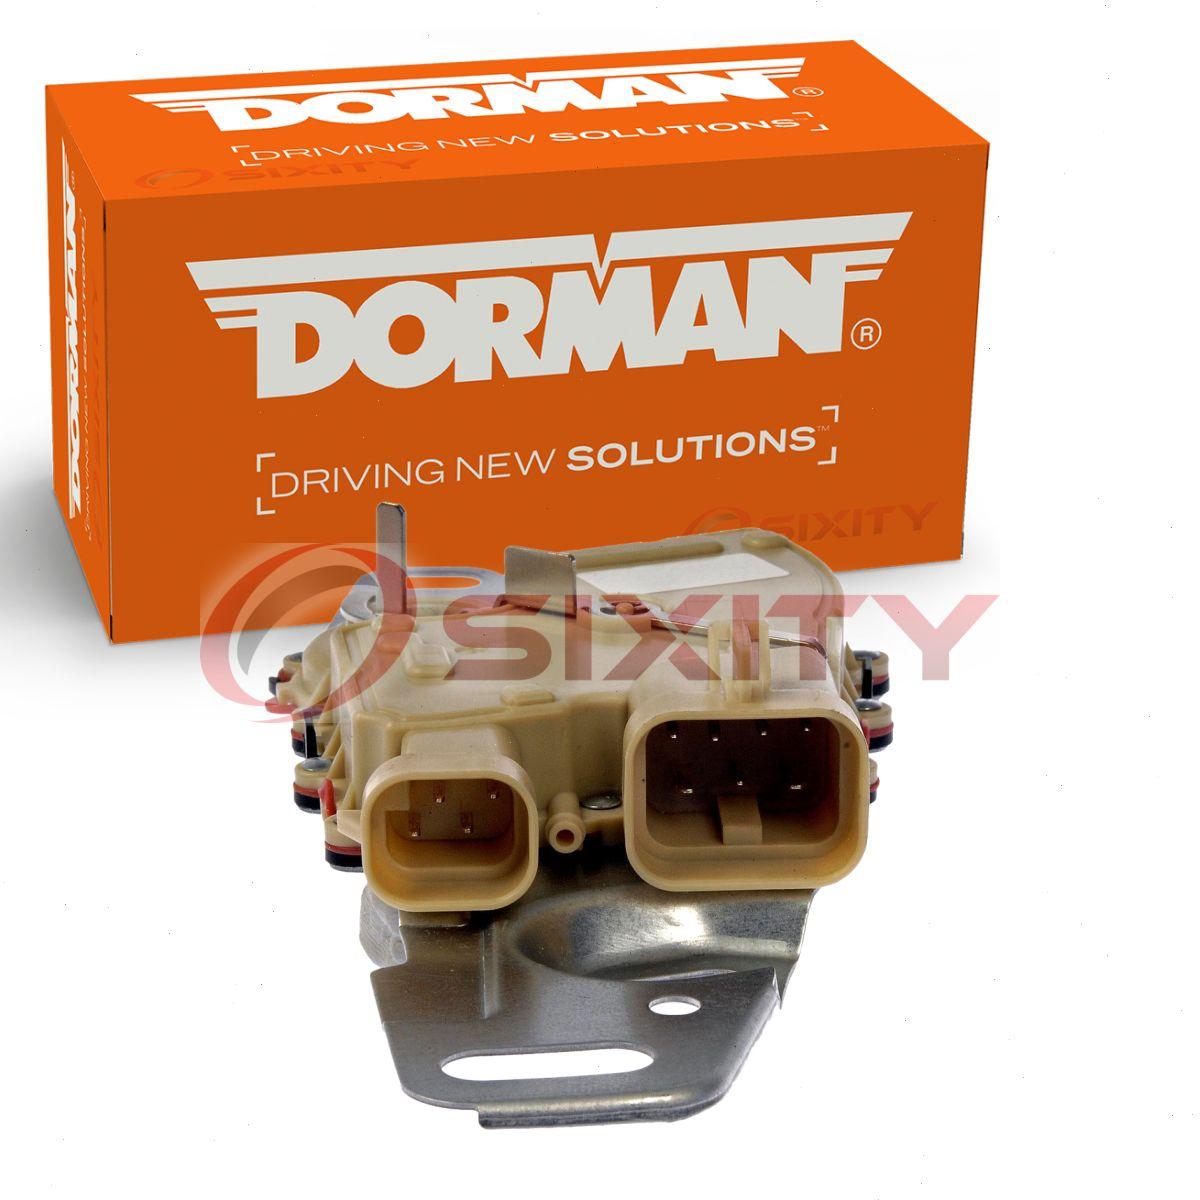 Detalhes sobre Dorman Sensor da gama de transmissão para o GMC Sierra 2500  Hd 2001-2004 - Circuito Lx- mostrar título no original